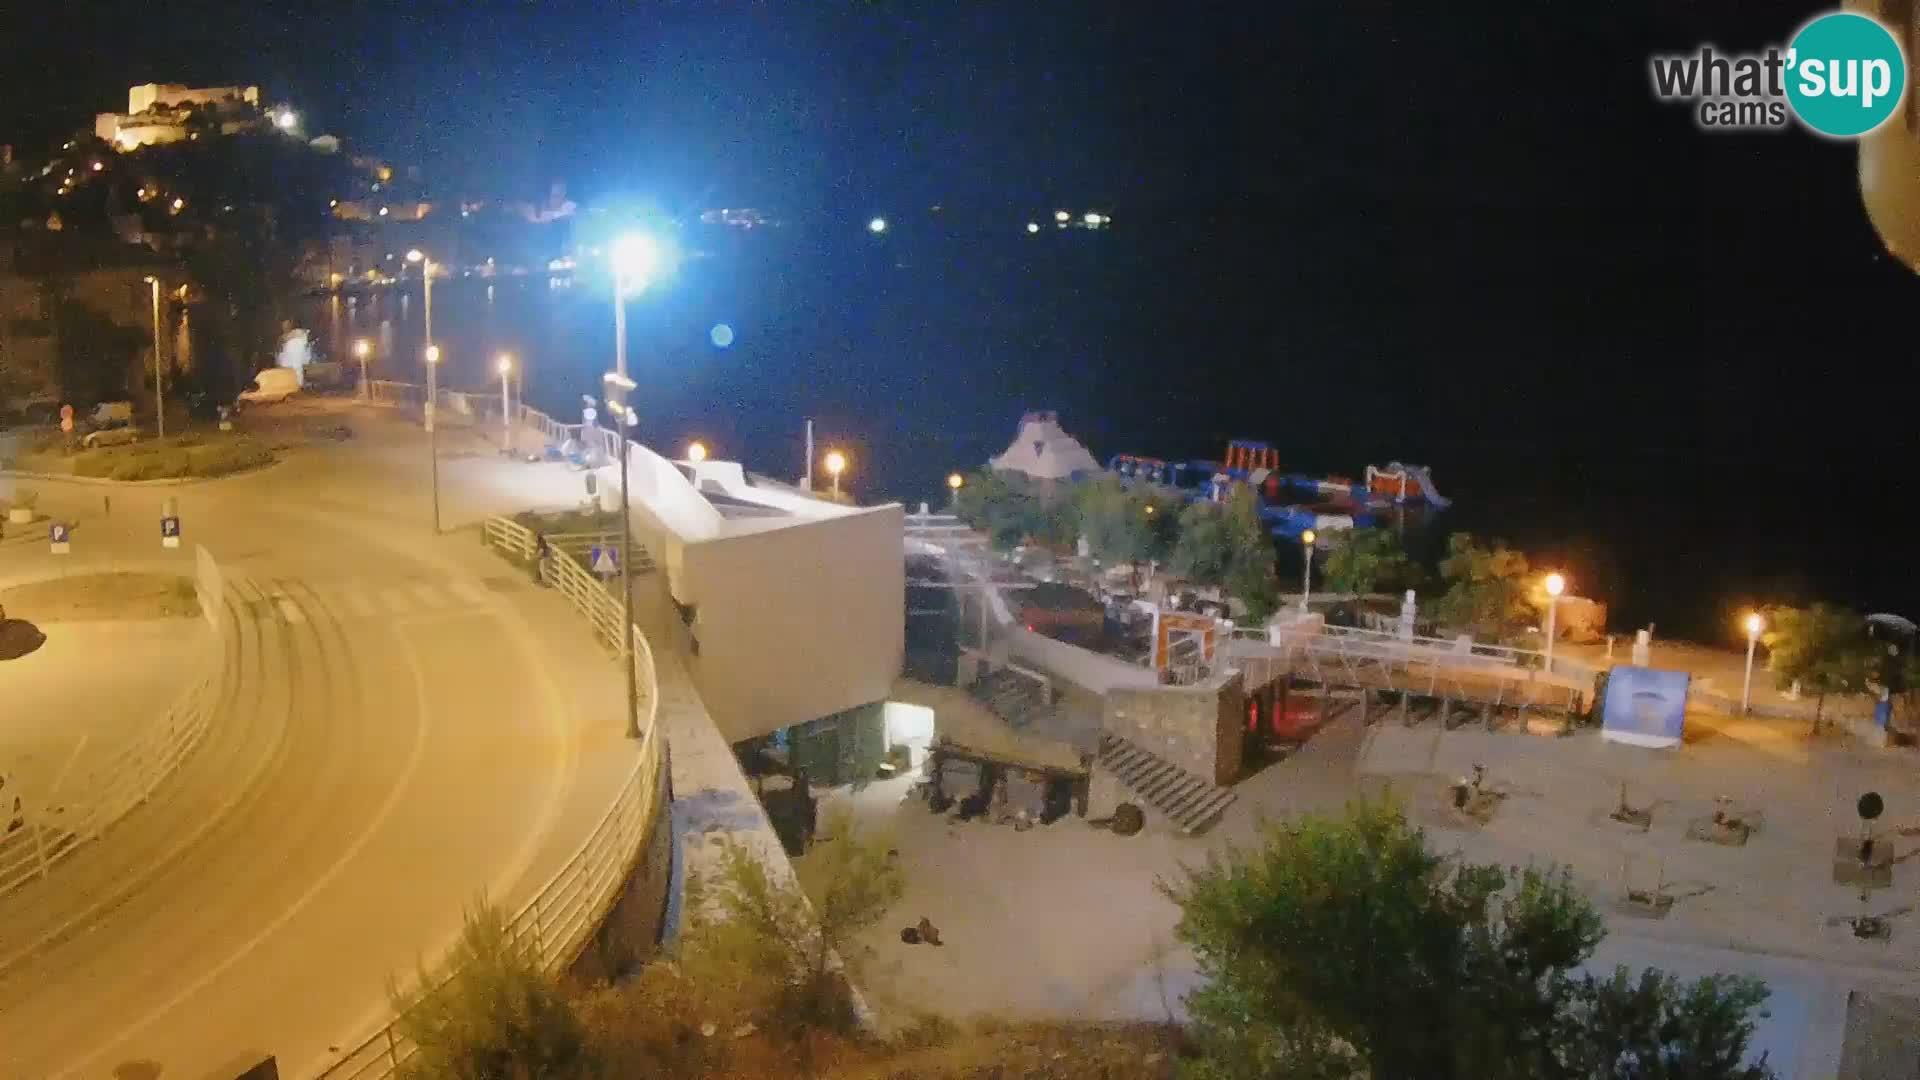 Camera en vivo Šibenik playa Banj